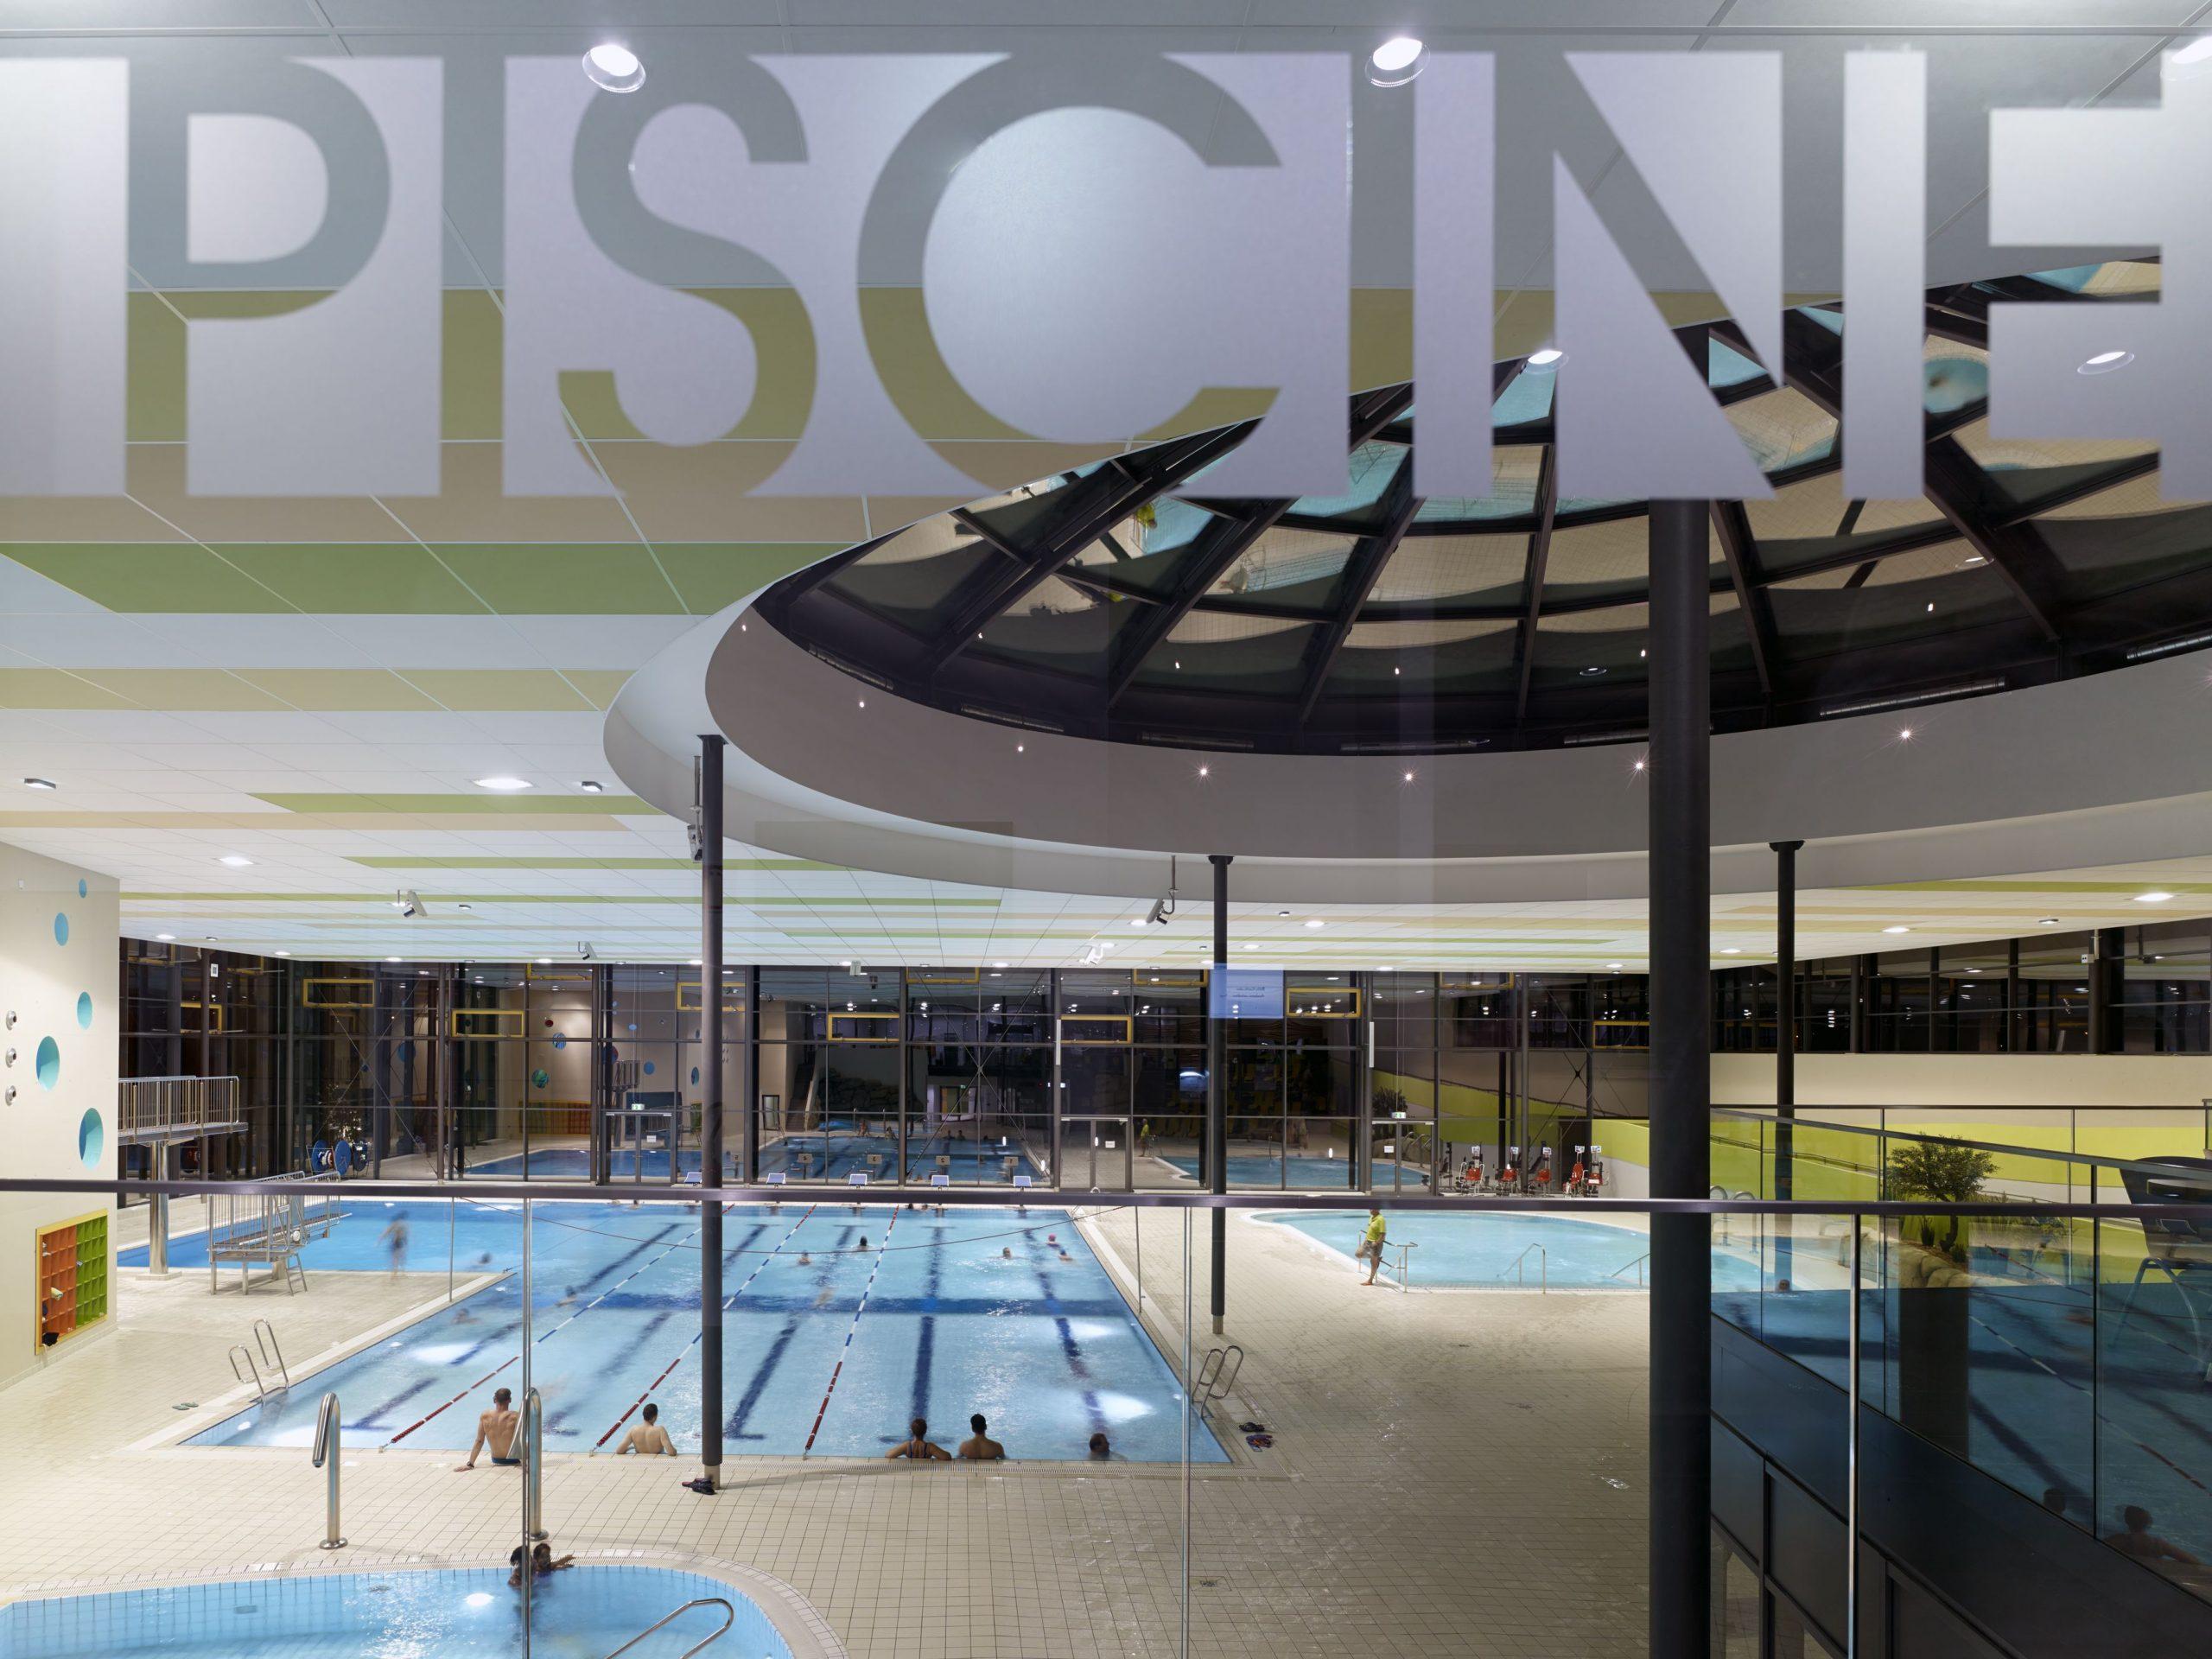 Swimmingpool Aquanat'our In Hosingen © Aquanat'our /ont ... avec Piscine Square Du Luxembourg